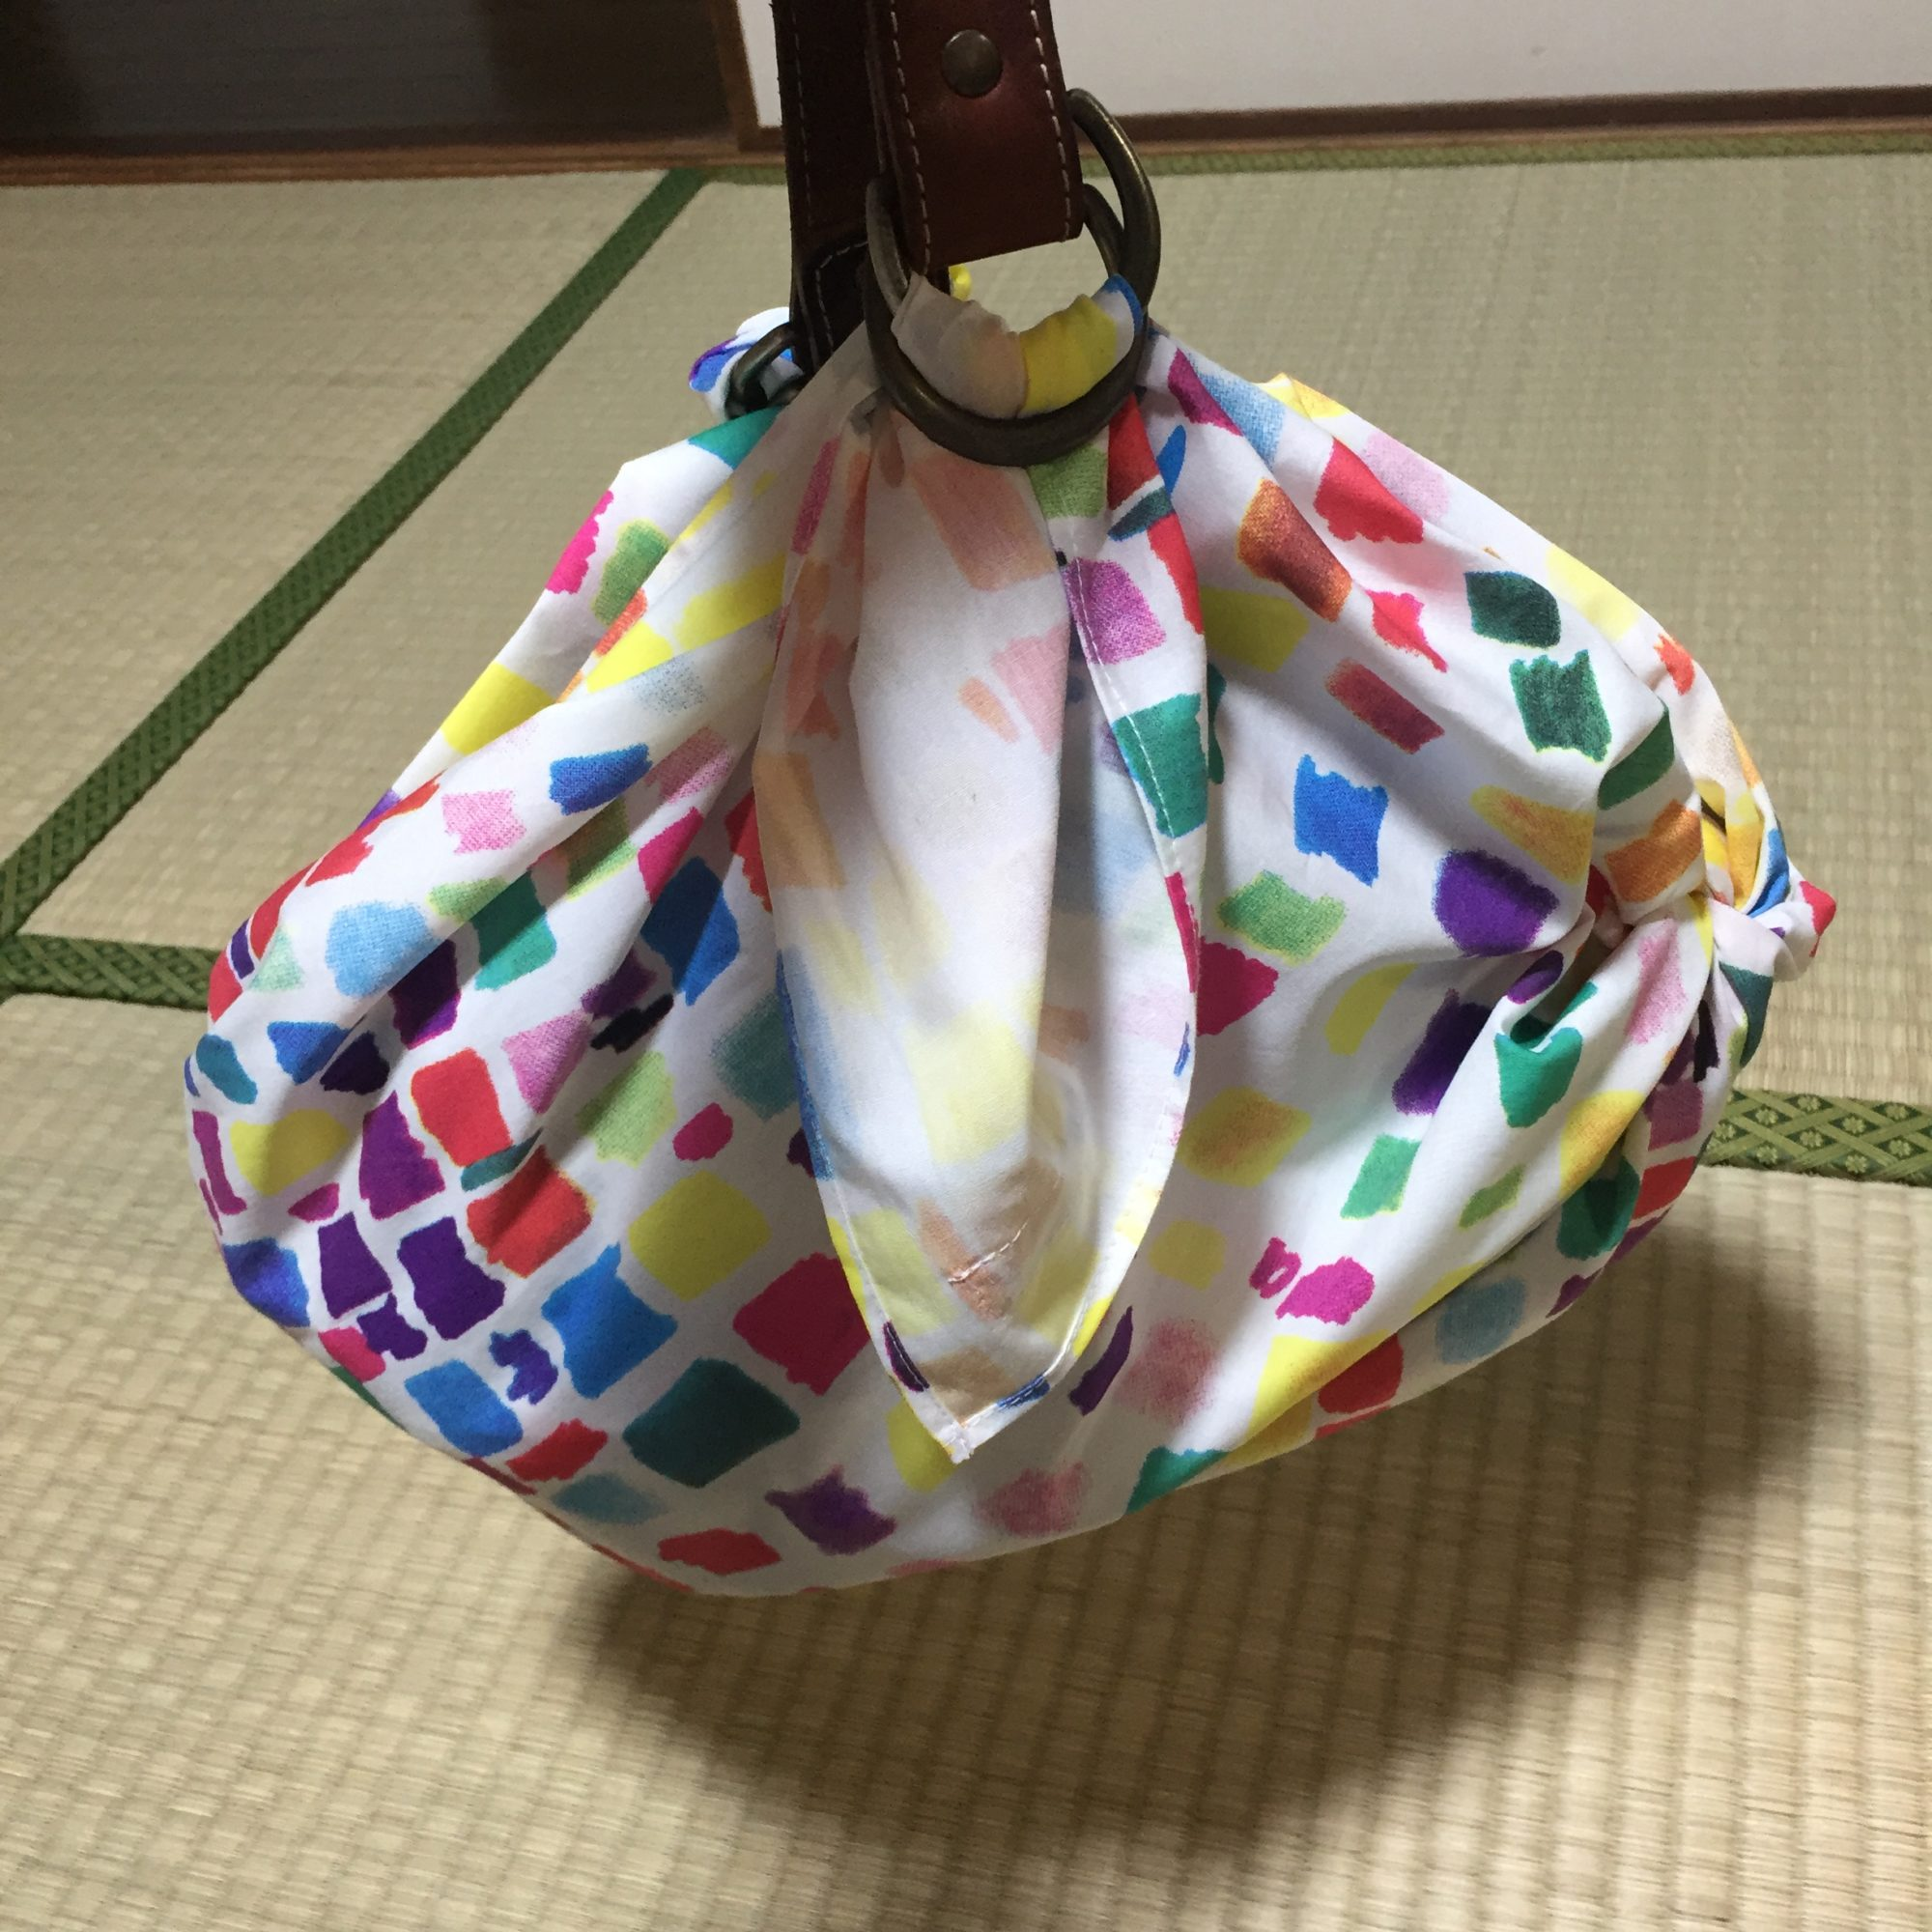 風呂敷バッグ〜日本文化を楽しむ〜